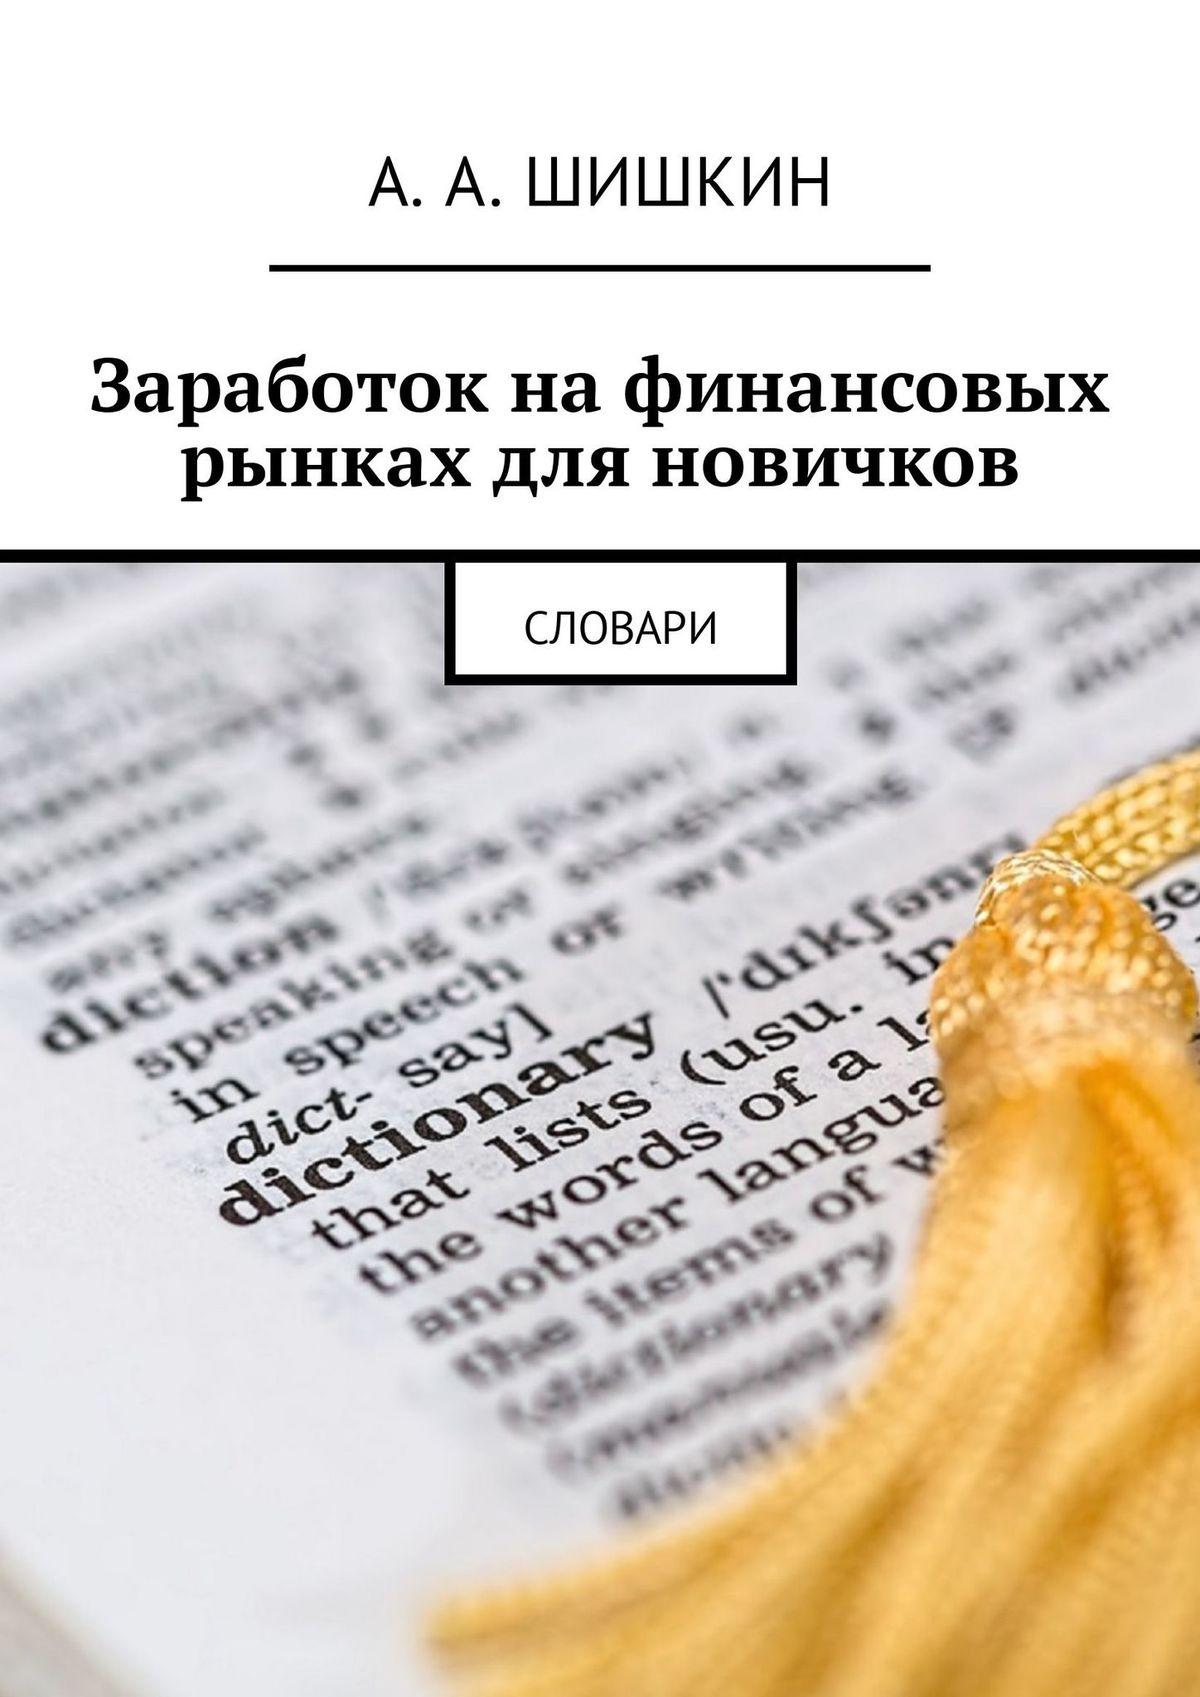 Артём Андреевич Шишкин Заработок на финансовых рынках для новичков. Словари словари и переводчики